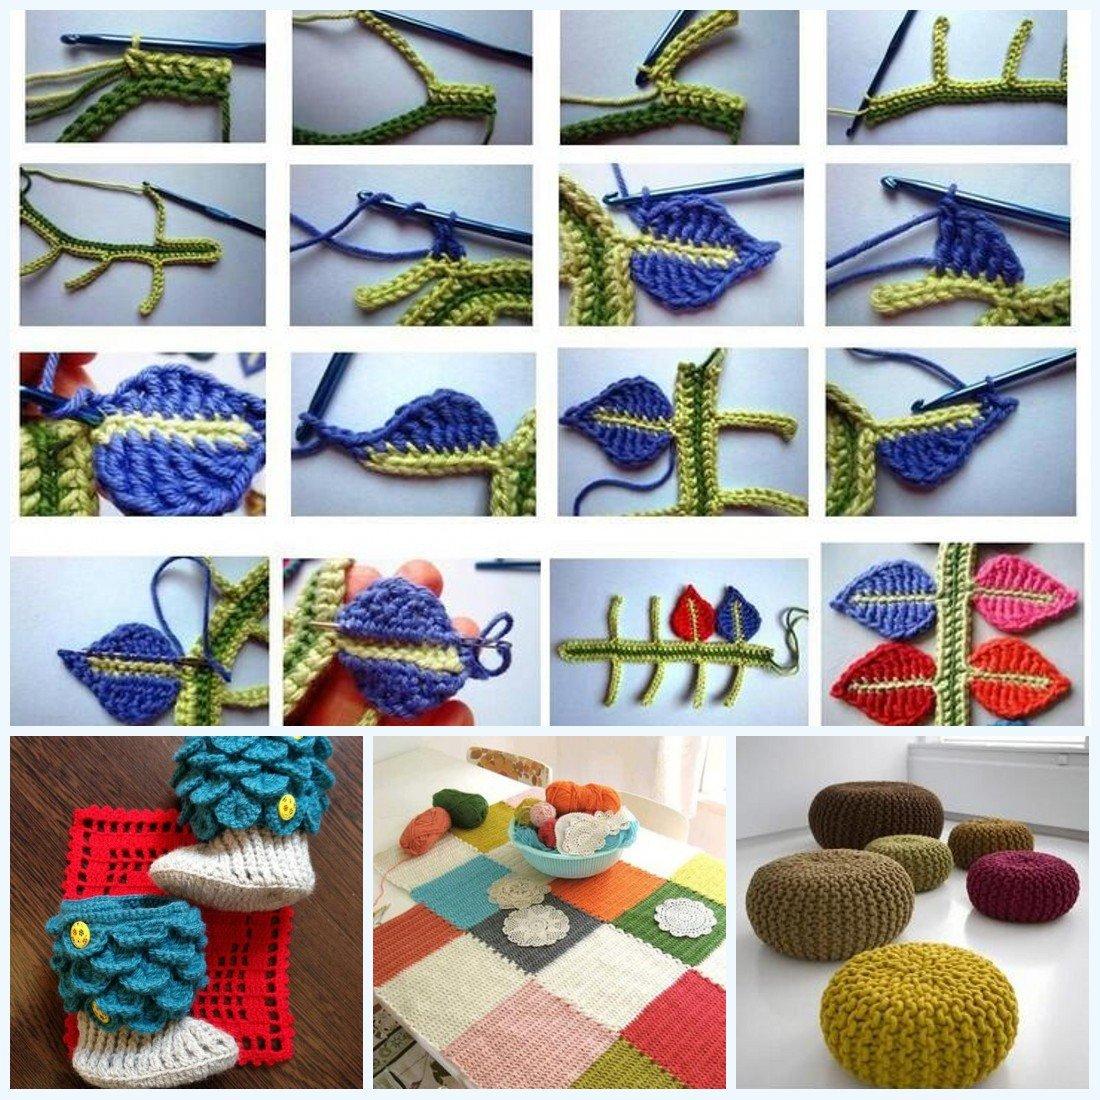 ELINKA Crochet Hooks Mixed Aluminum Handle Knitting Knit Needles Sewing Tools Full Set Knit Gauge Scissors Stitch Holders Weave Yarn Set of 51pcs by ELINKA (Image #9)